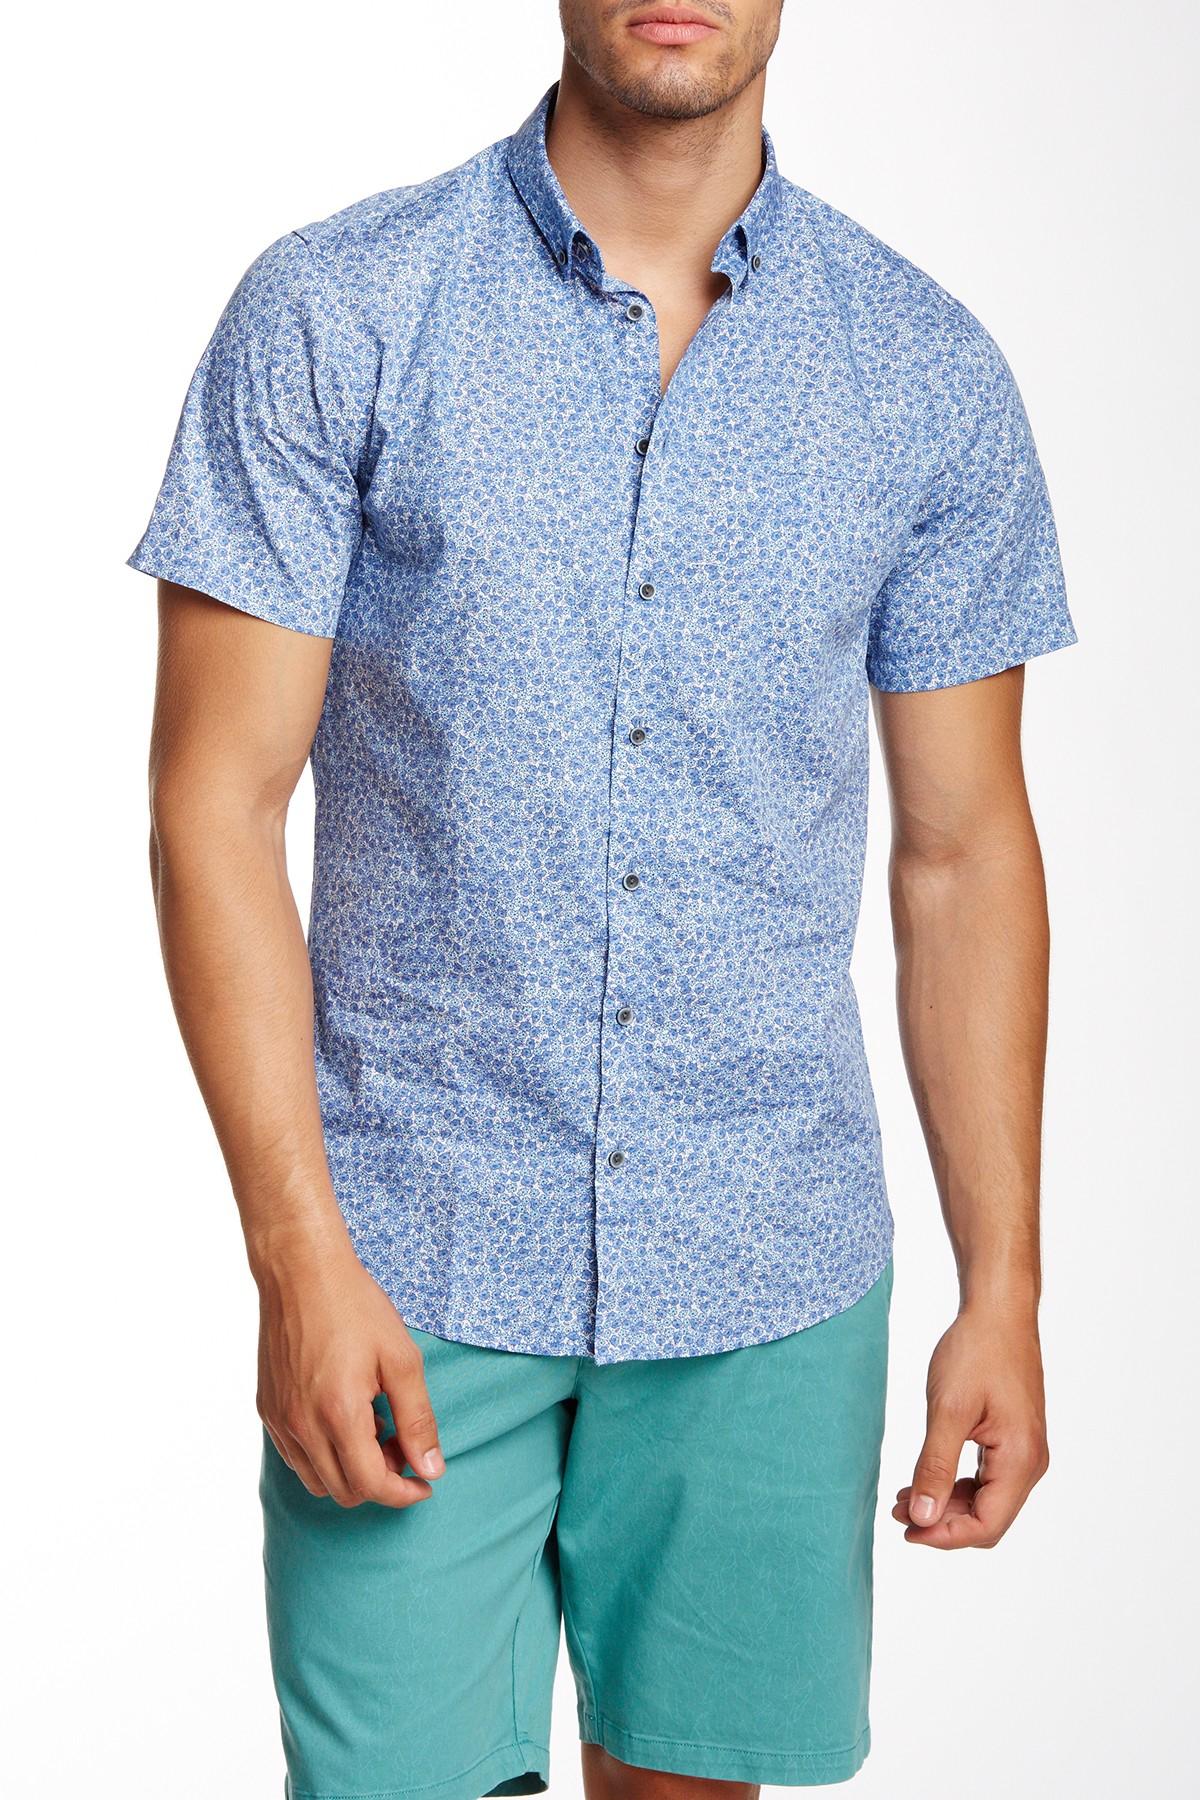 Slate And Stone Clothing : Lyst slate stone regular fit short sleeve lance shirt